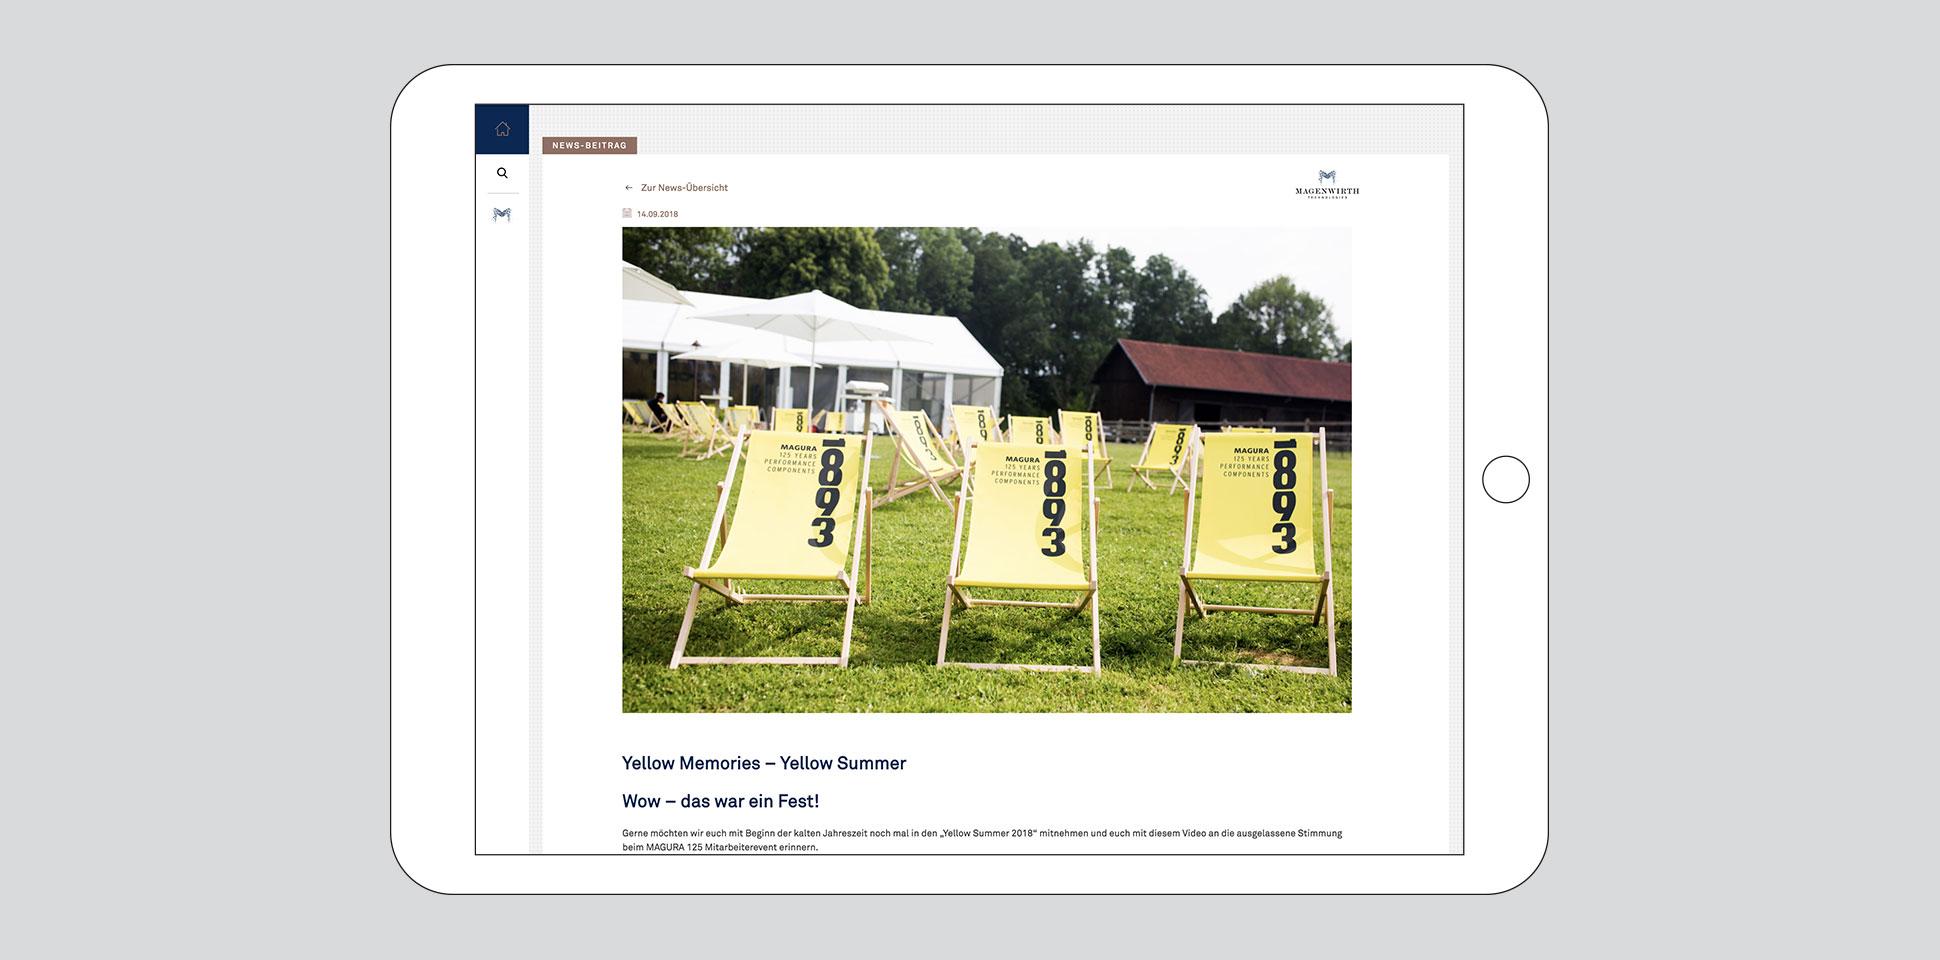 magenwirth-technologies intranet webseite stuehle tablet polarwerk